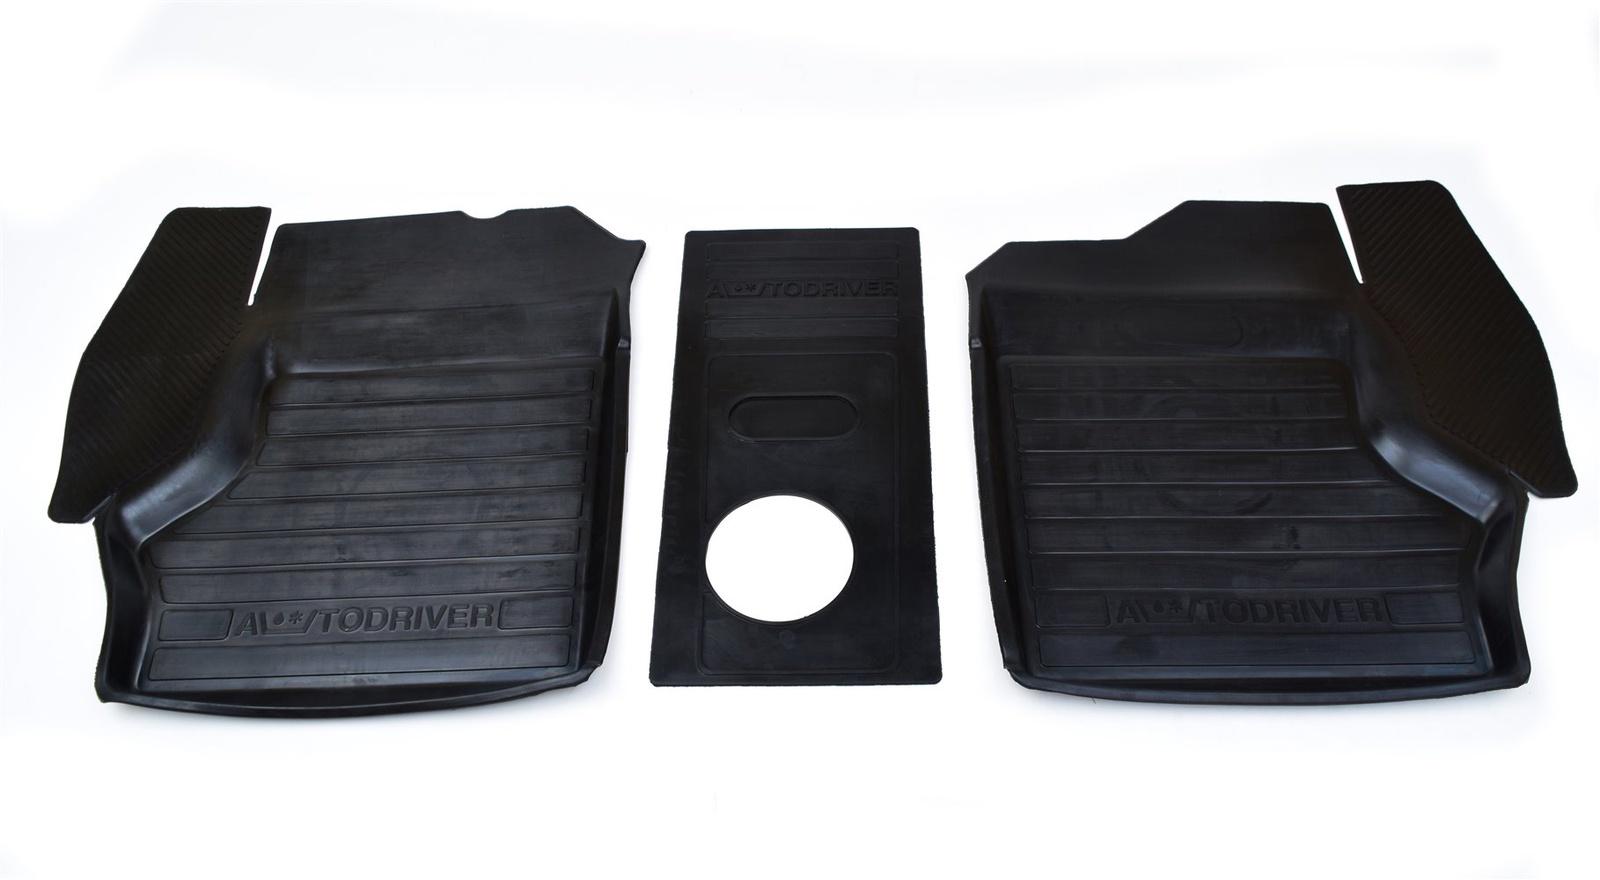 Коврики в салон автомобиля Avtodriver, для ГАЗель Бизнес, передние, 2003-, ADRAVG279, резиновые, с бортиком, черный для автомобиля на газ метан ставит программа сайт